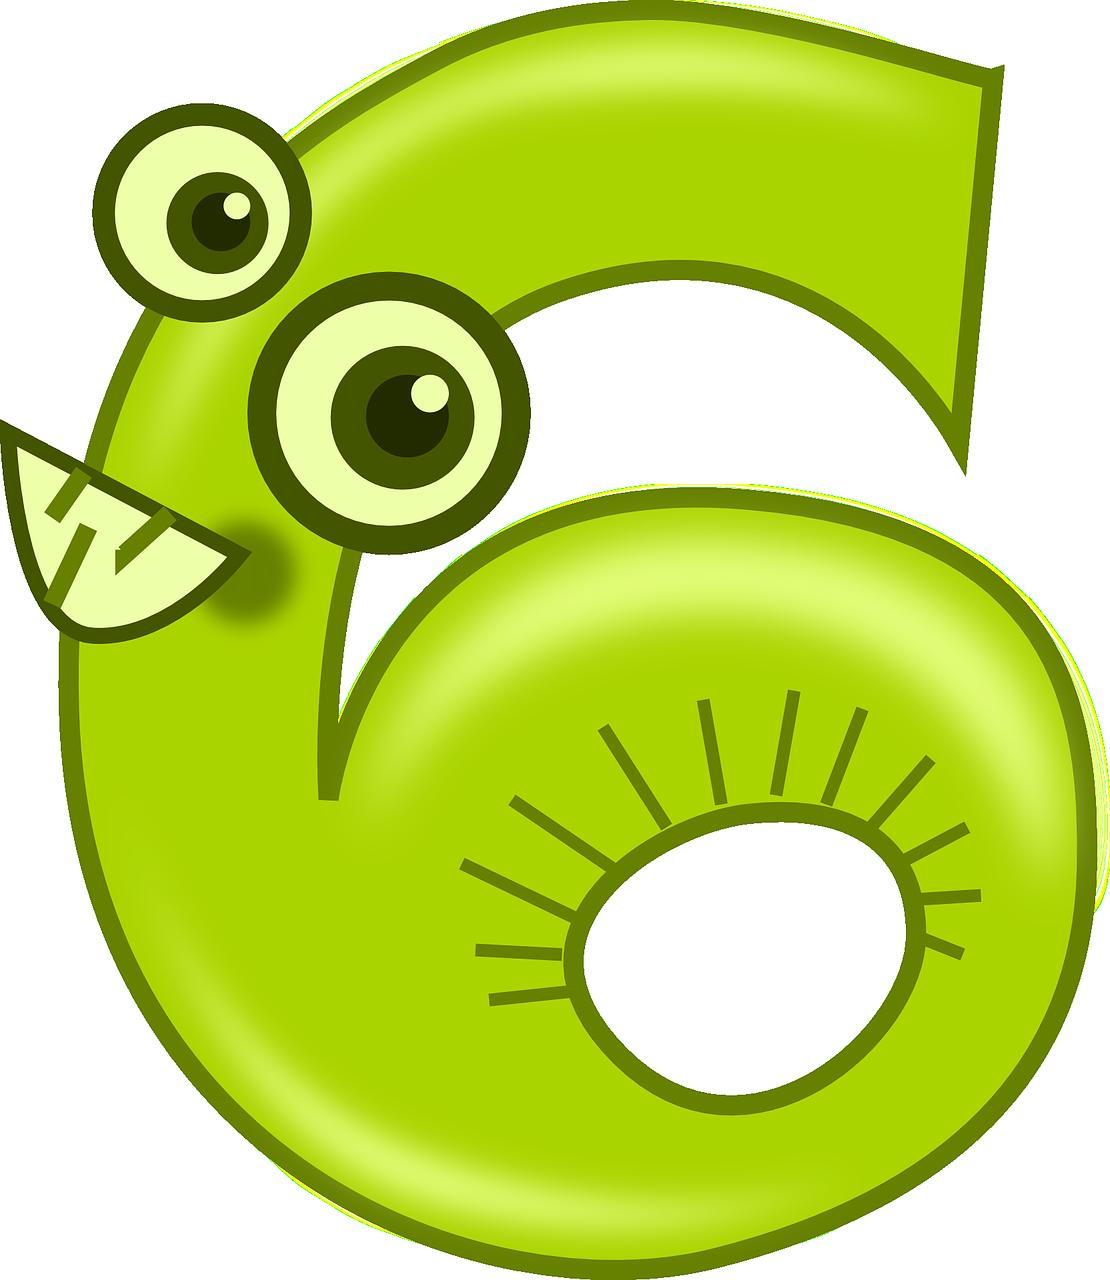 Fay3 صور لـ ستة 6 عد مضحك الأرقام الرياضيات أعداد